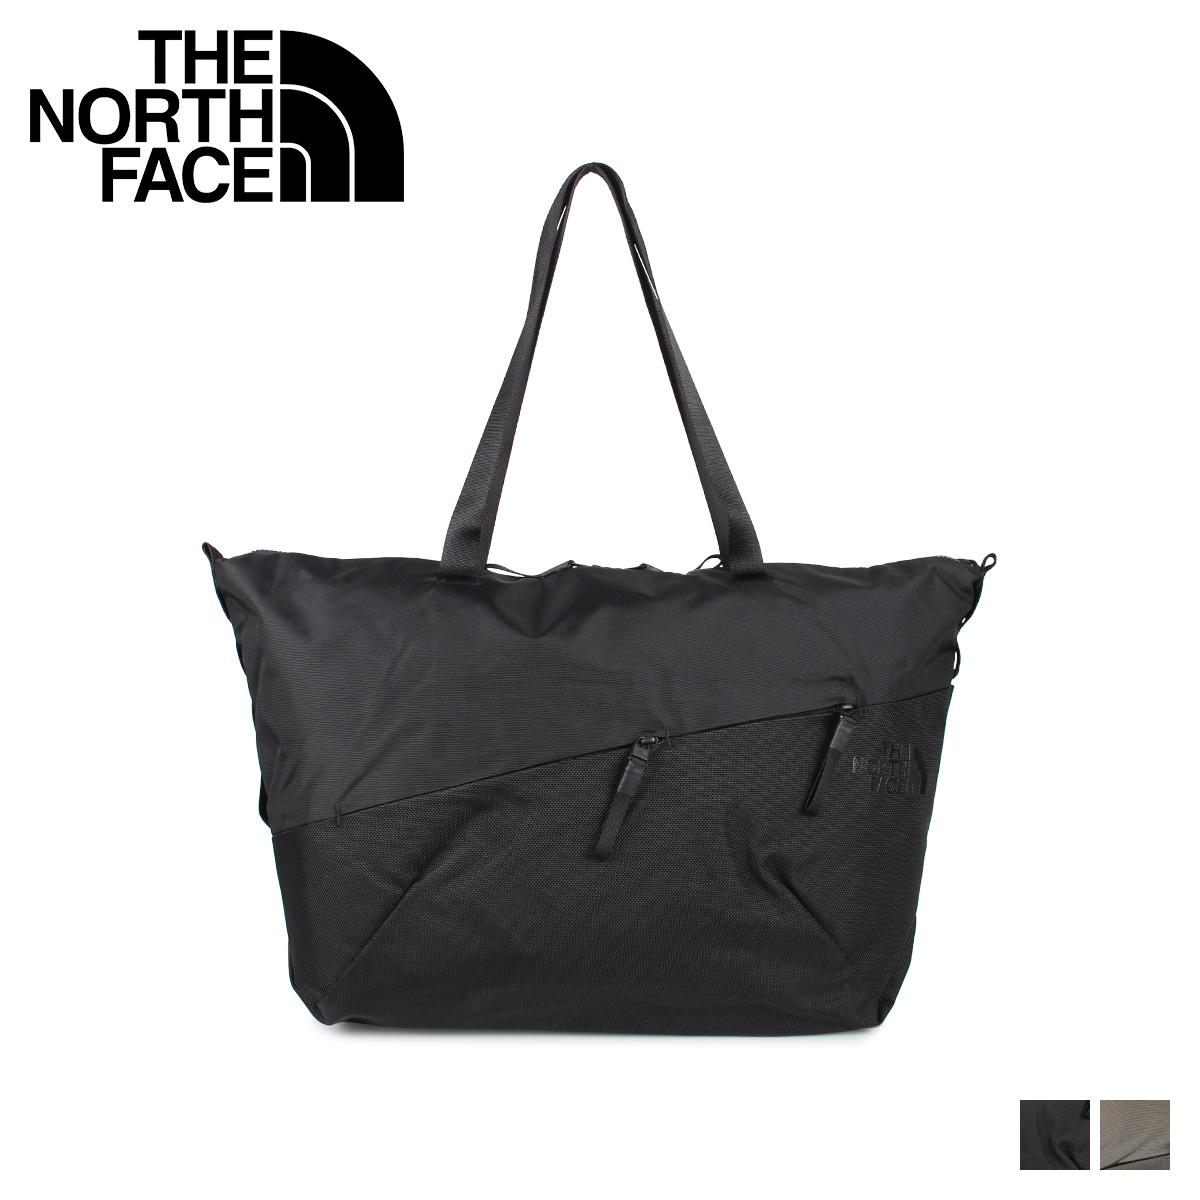 THE NORTH FACE ノースフェイス バッグ ショルダーバッグ トートバッグ エレクトラ メンズ レディース 21L ELECTRA TOTE-L ブラック カーキ 黒 NM71906 [4/17 新入荷]